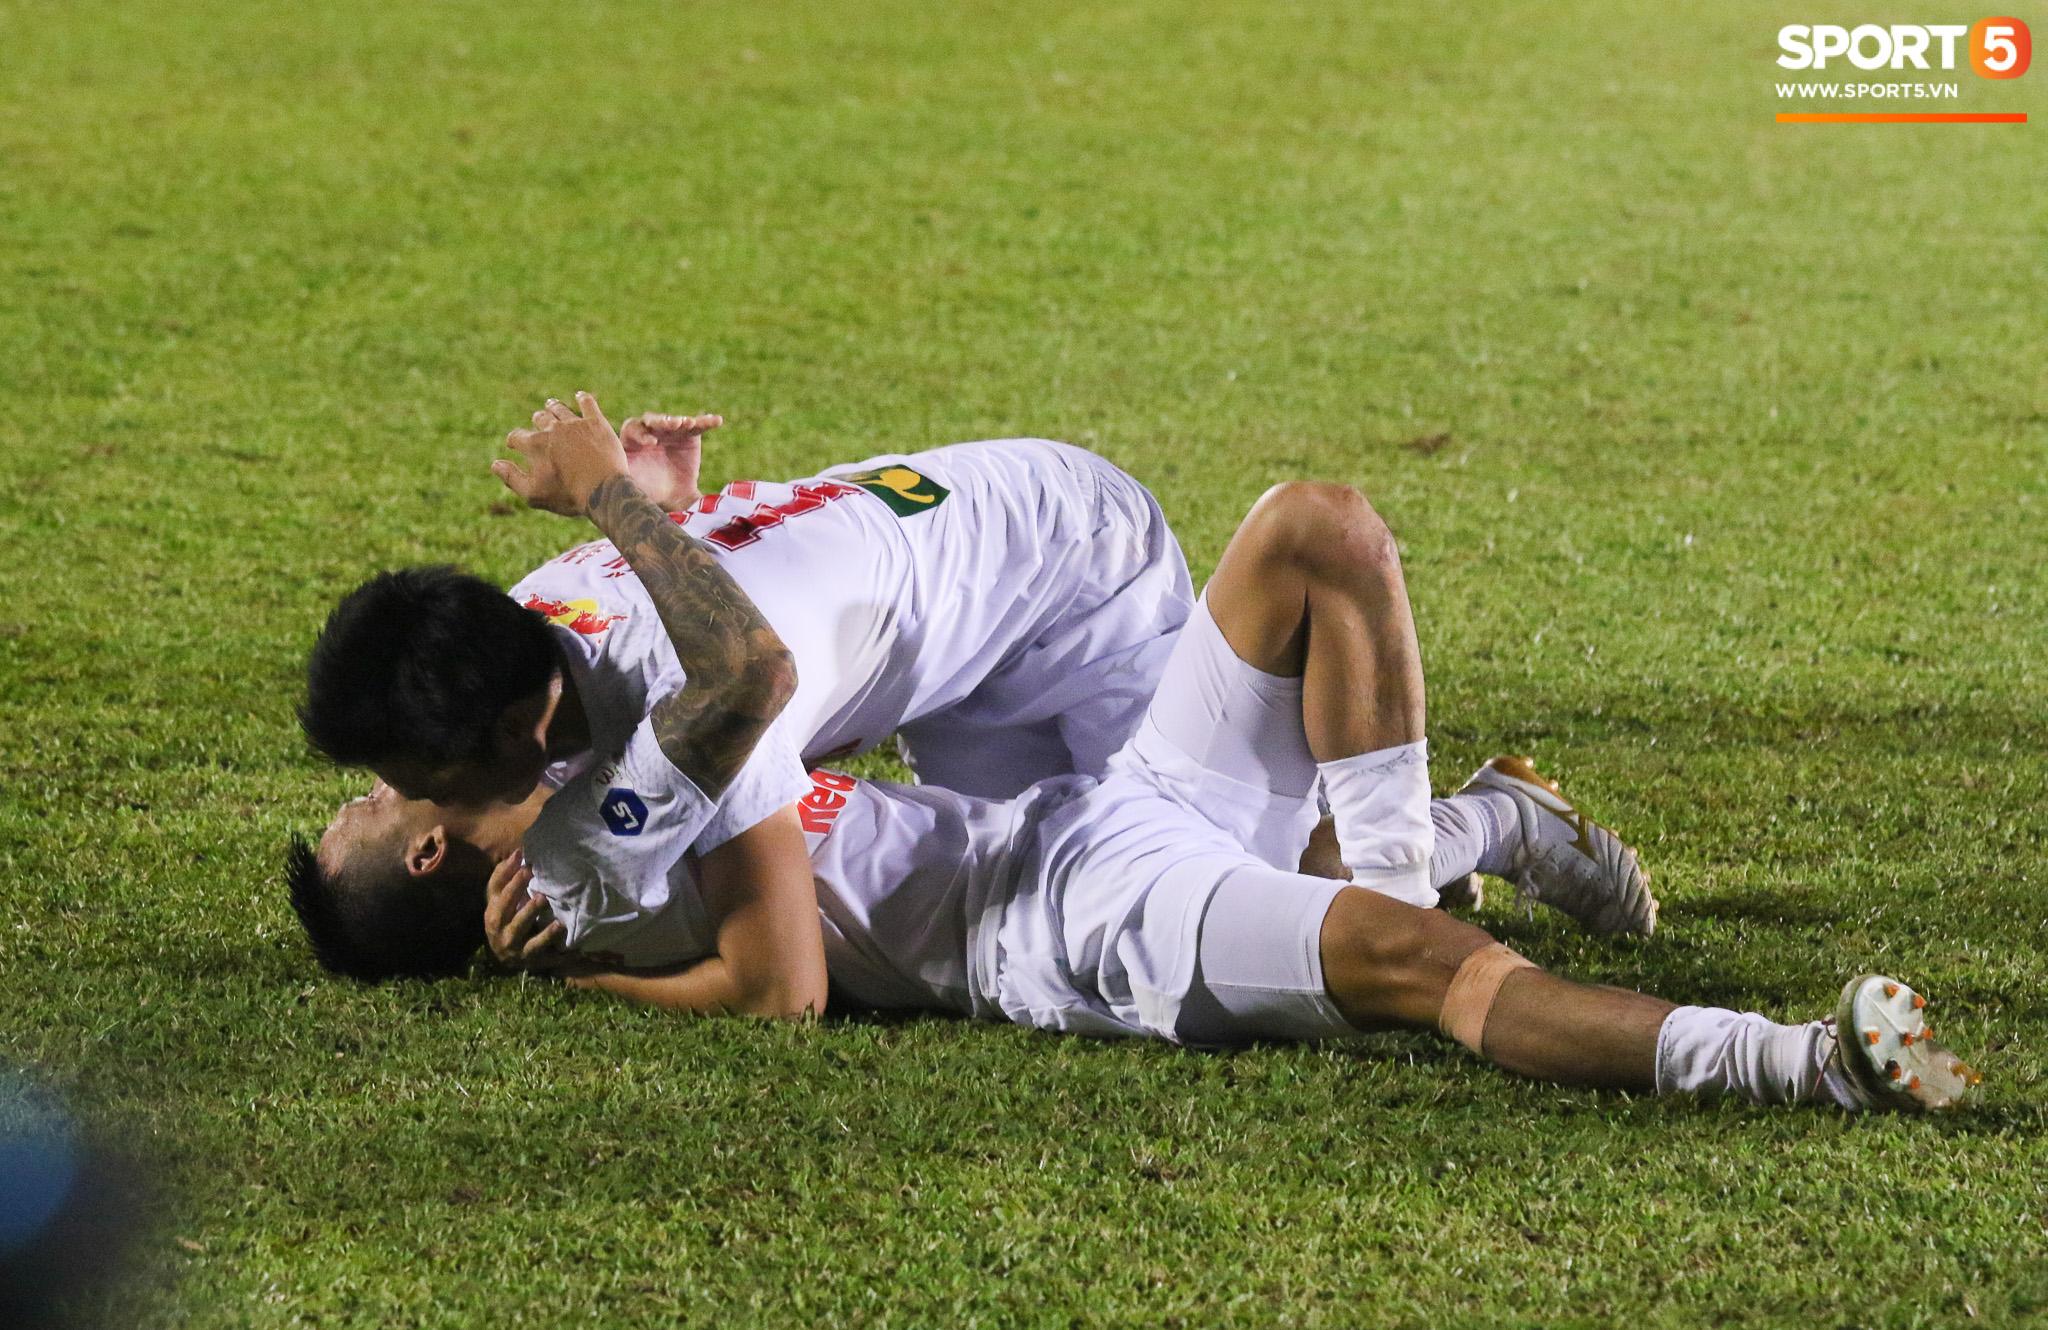 Nguyễn Tuấn Anh ăn mừng cực dị cùng Hữu Tuấn sau trận thắng Hà Nội FC - ảnh 5